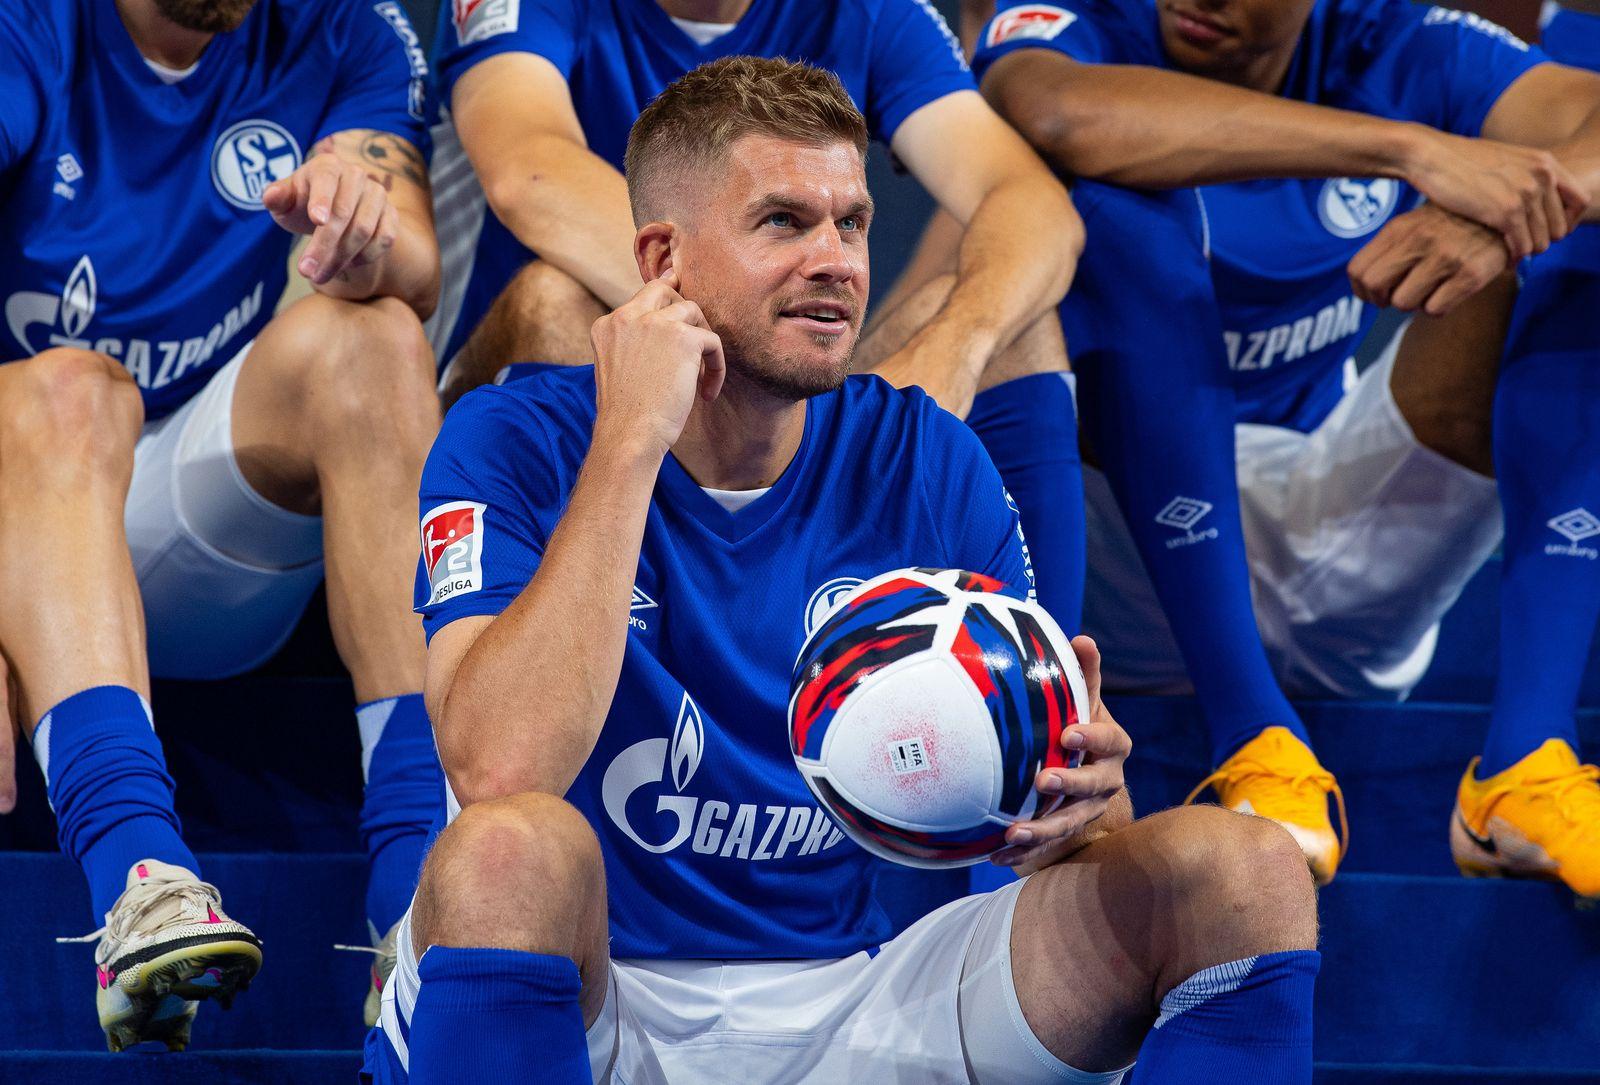 FC Schalke 04 - Medientag